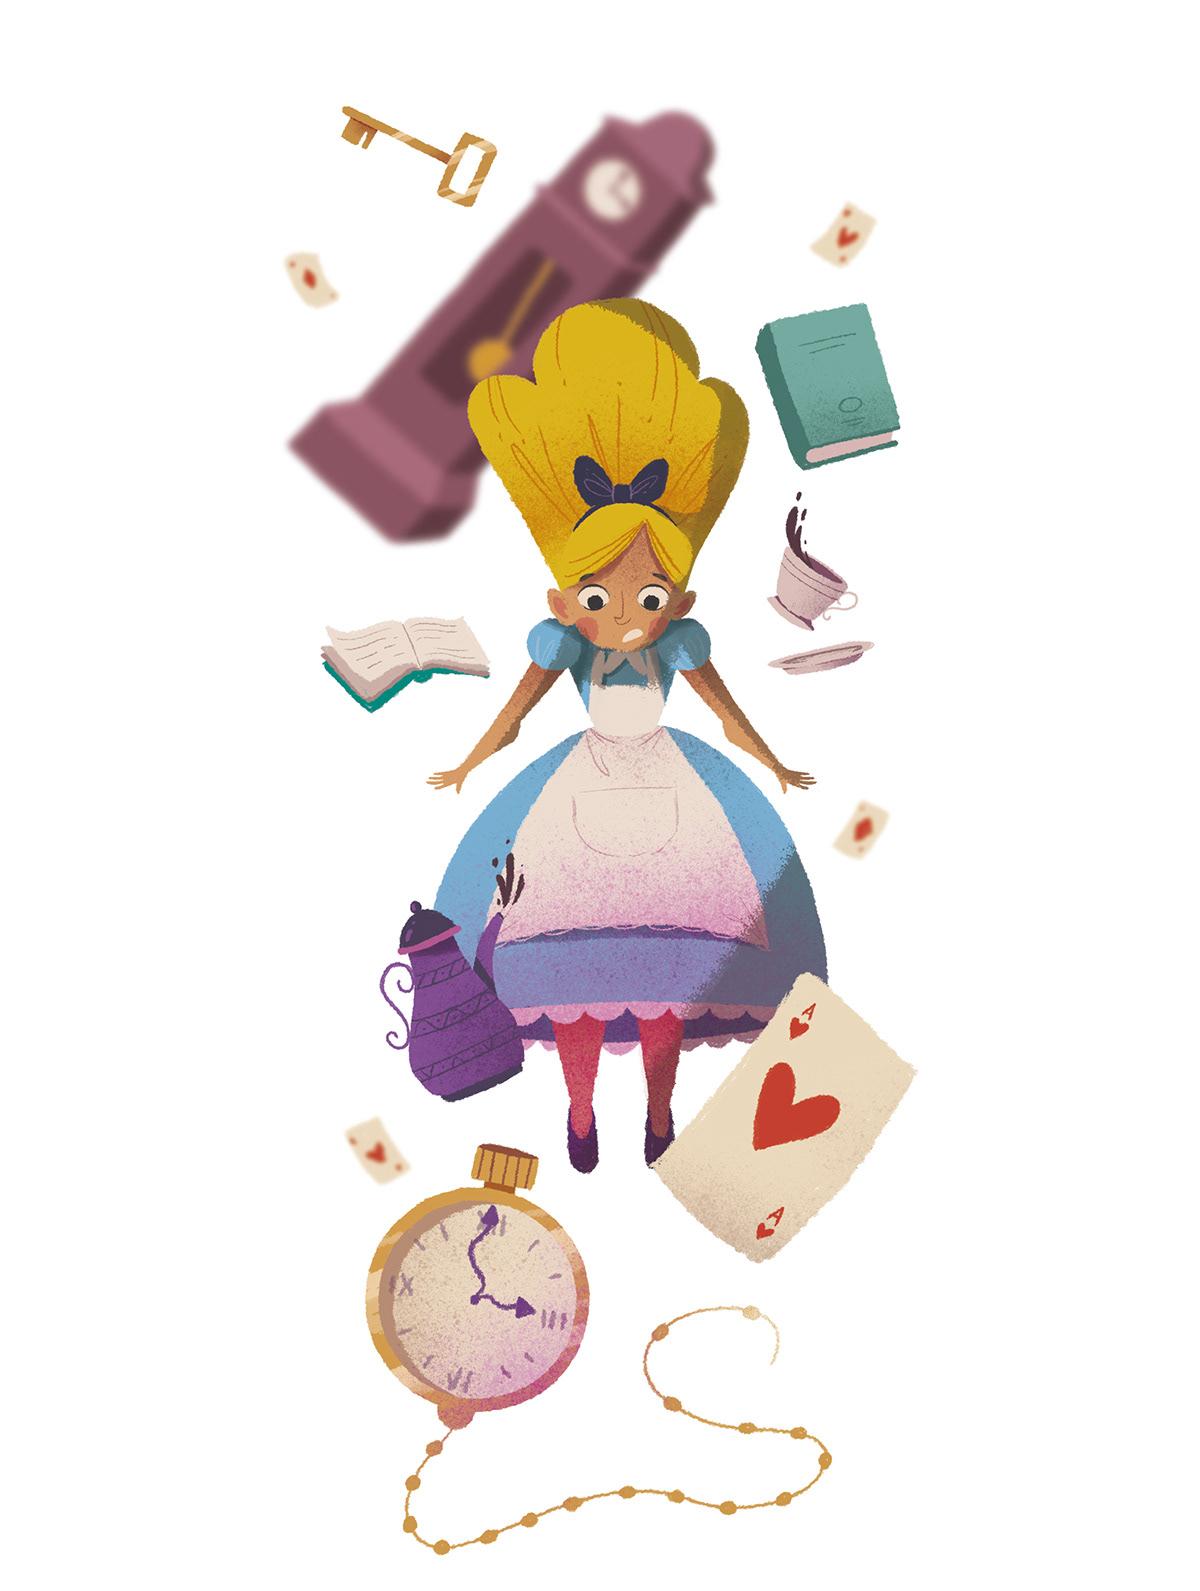 Image may contain: cartoon and clock